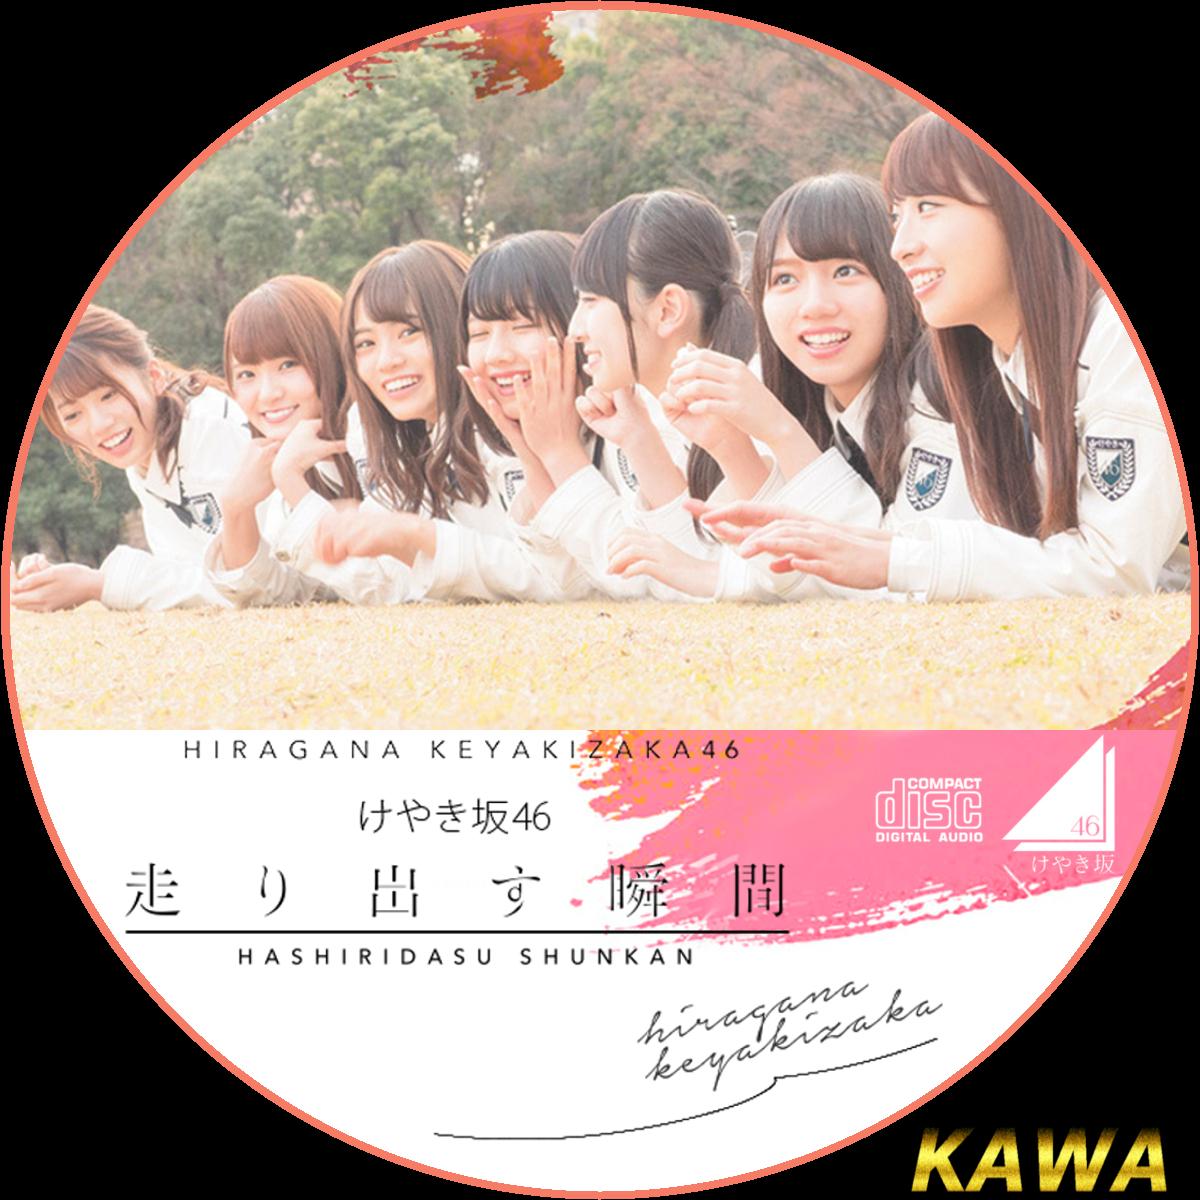 走り出す瞬間 初回仕様限定盤 TYPE-B cd